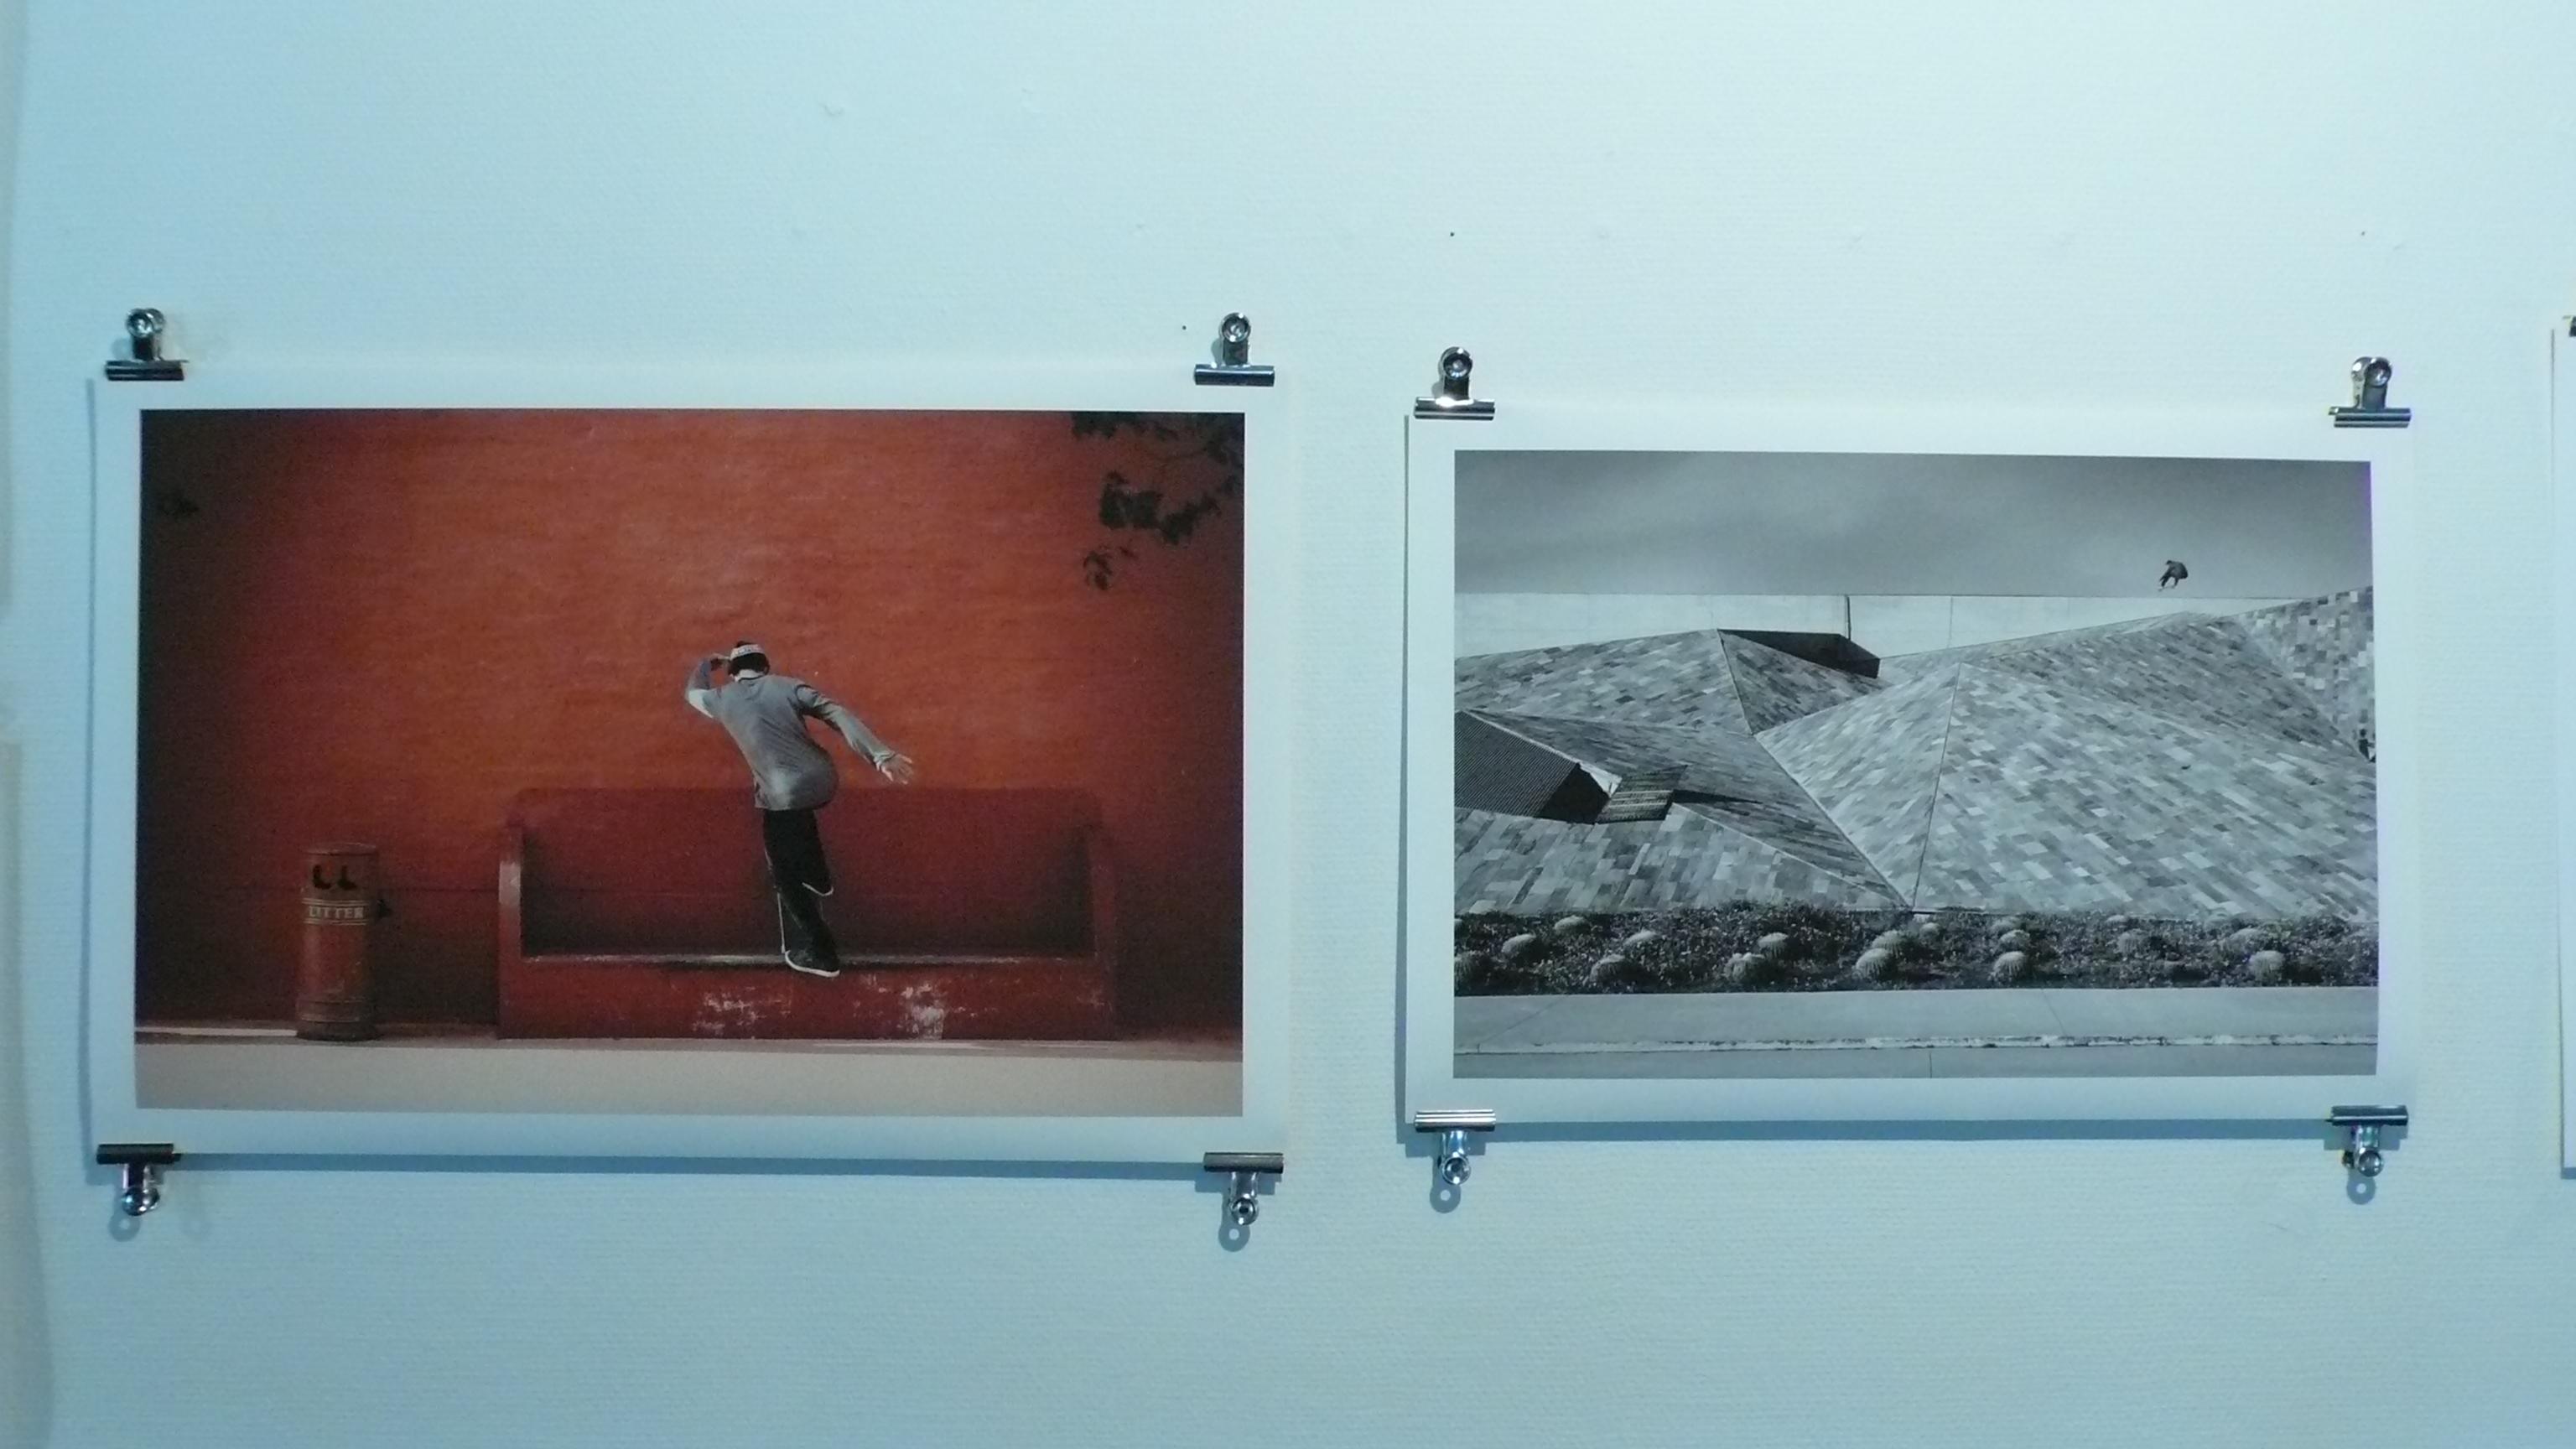 Biemers Bilder von Valeri und Michi, beide waren bei uns im Heft (sind ein bischen stolz!)